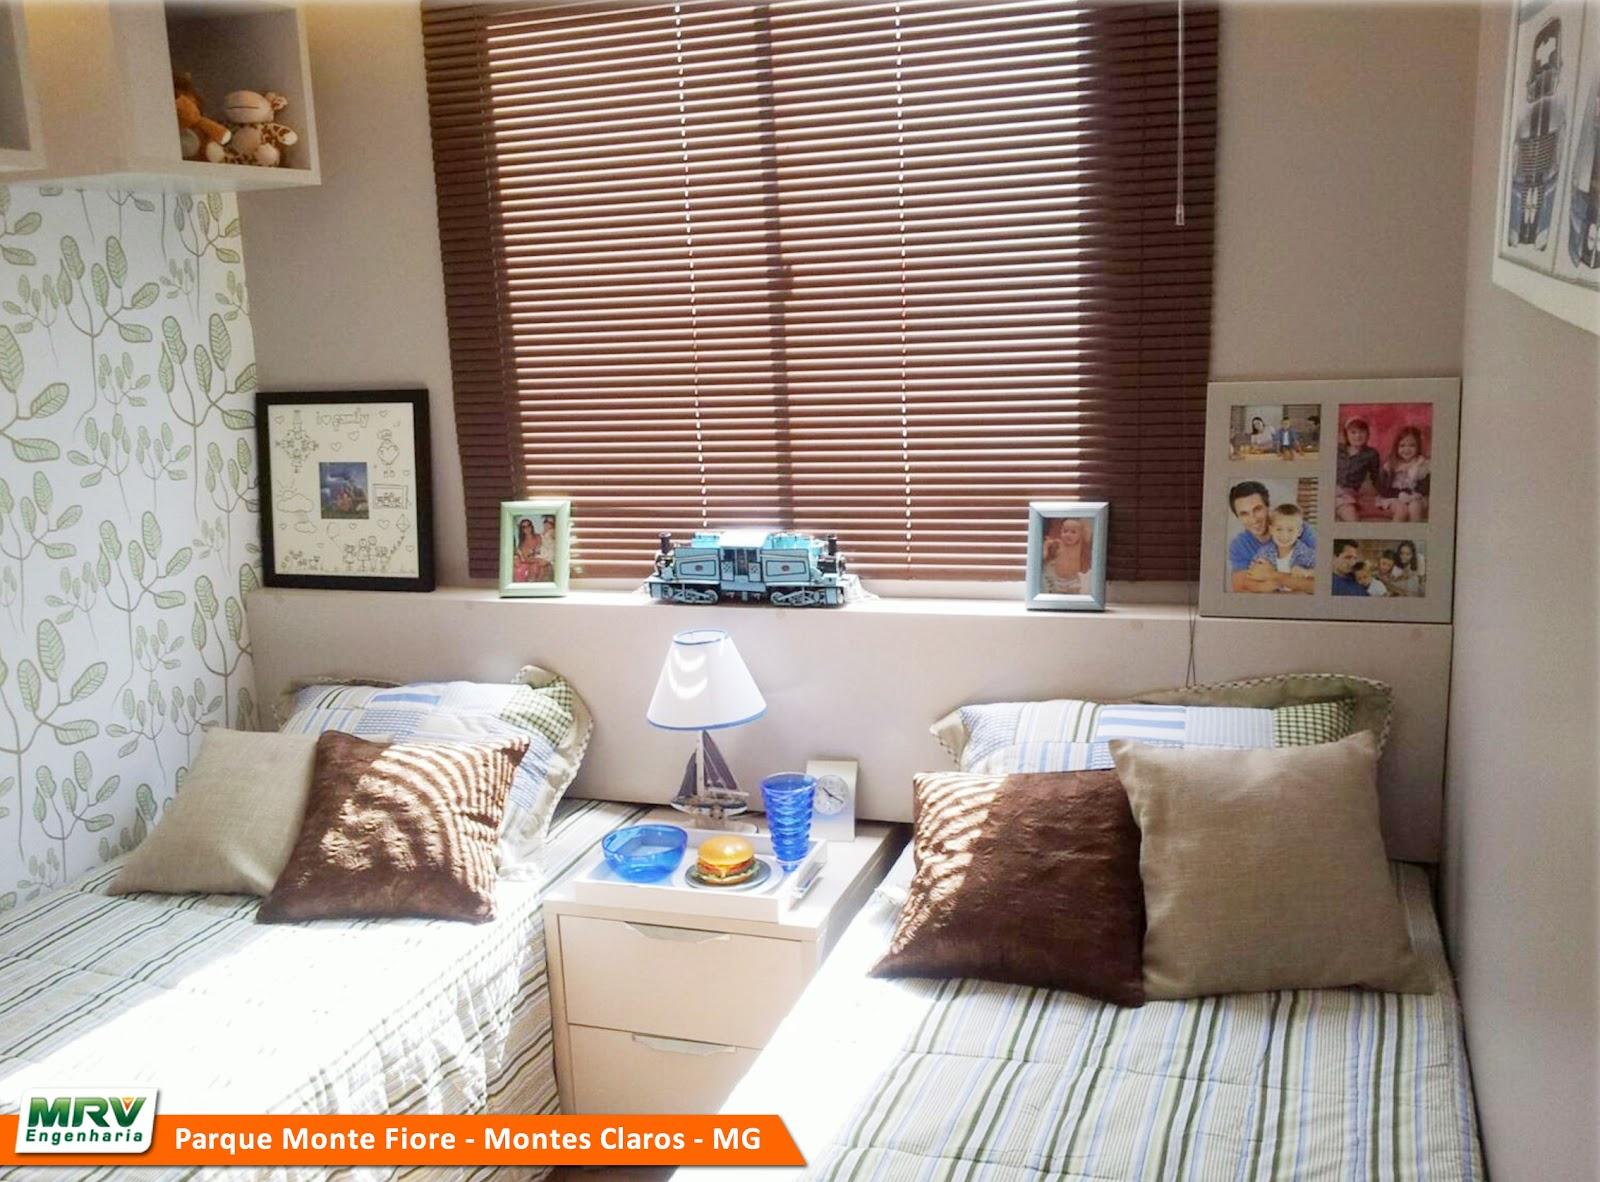 MRV Apartamento Decorado em Montes Claros  MG  Ângela Almeida